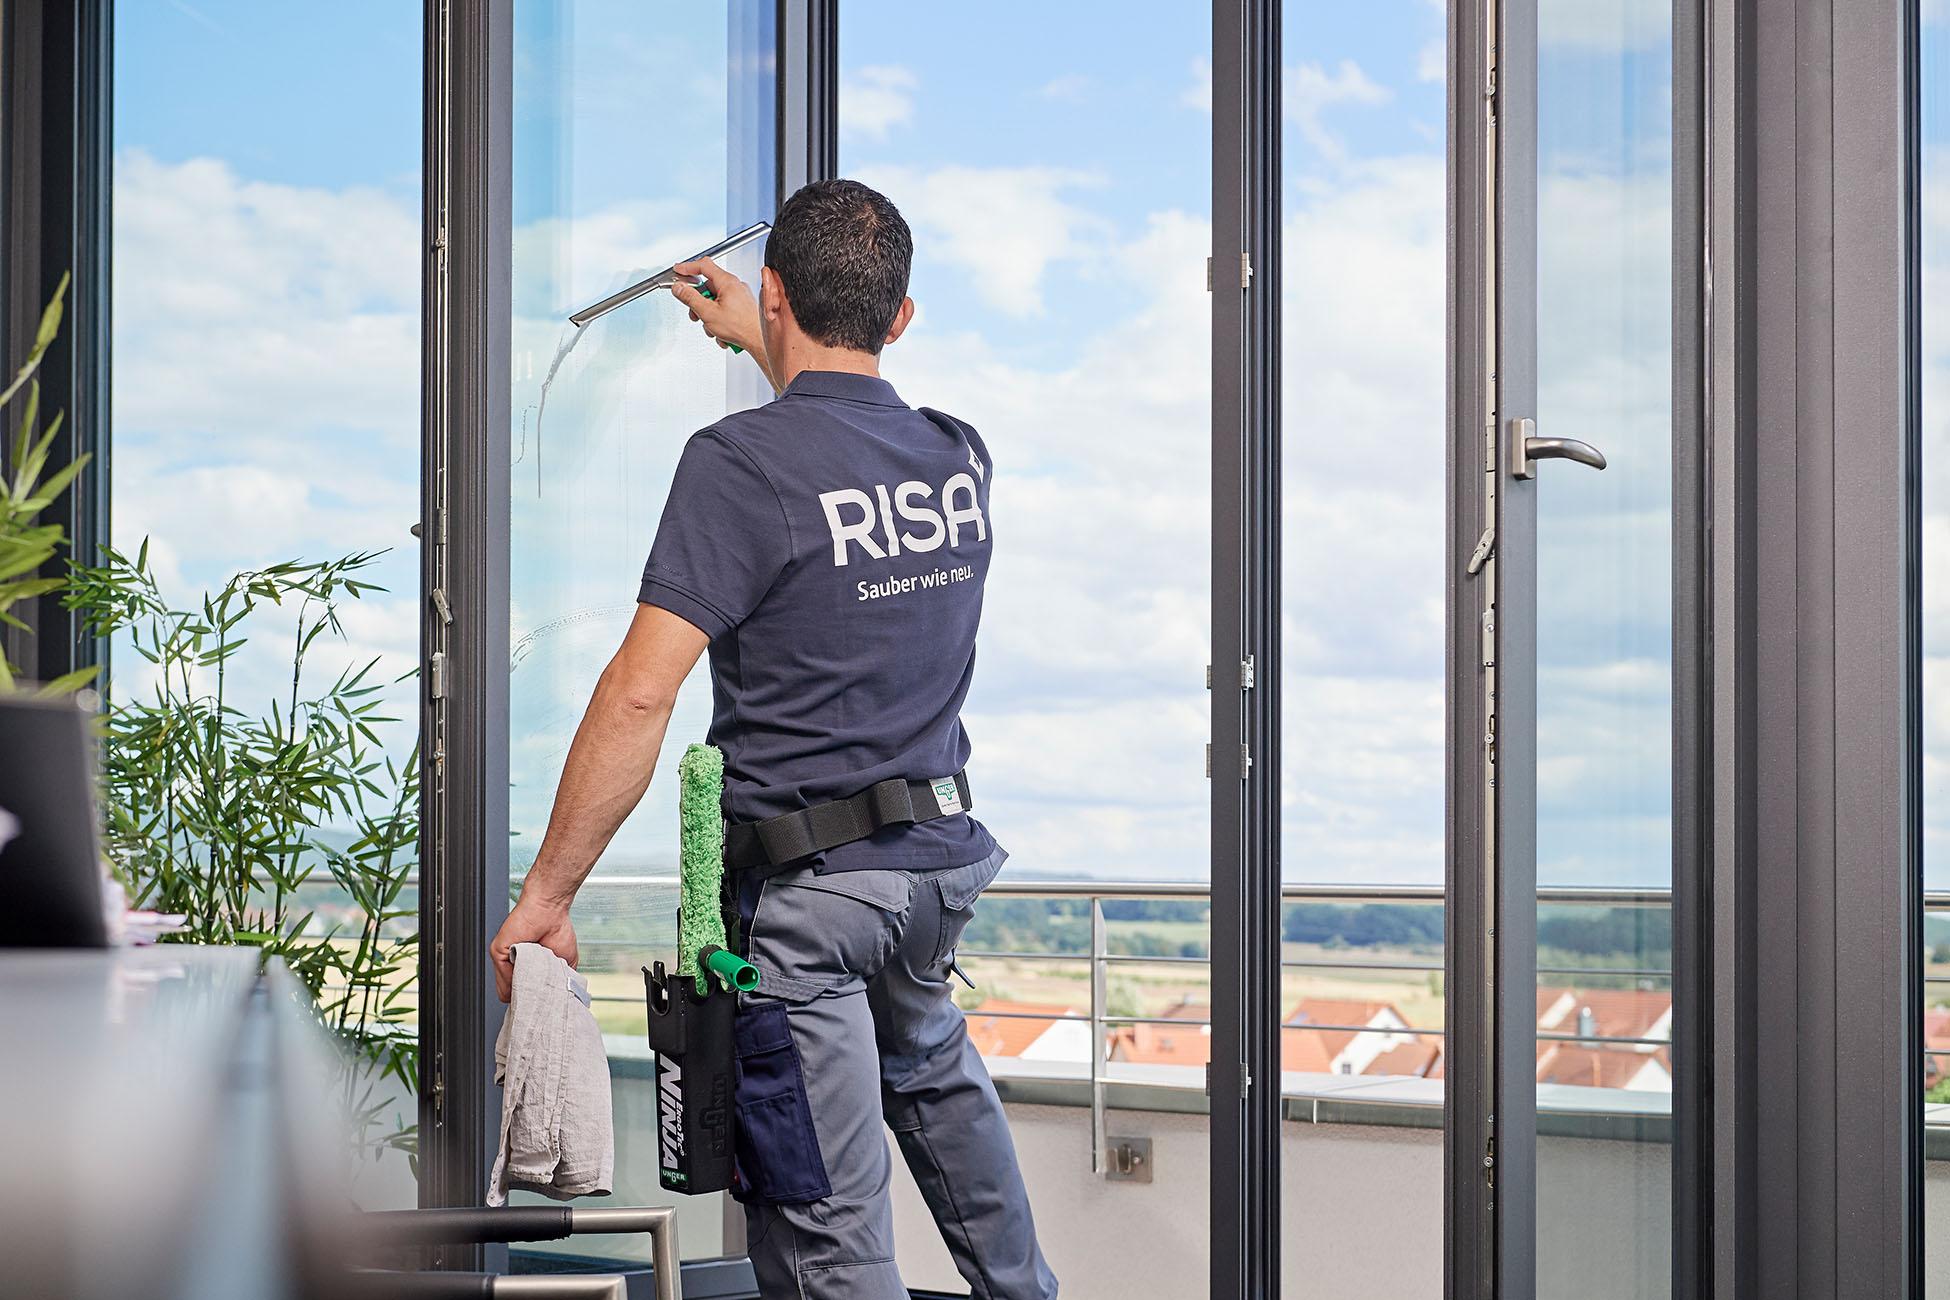 Risa Gebäudereinigung in Erlangen